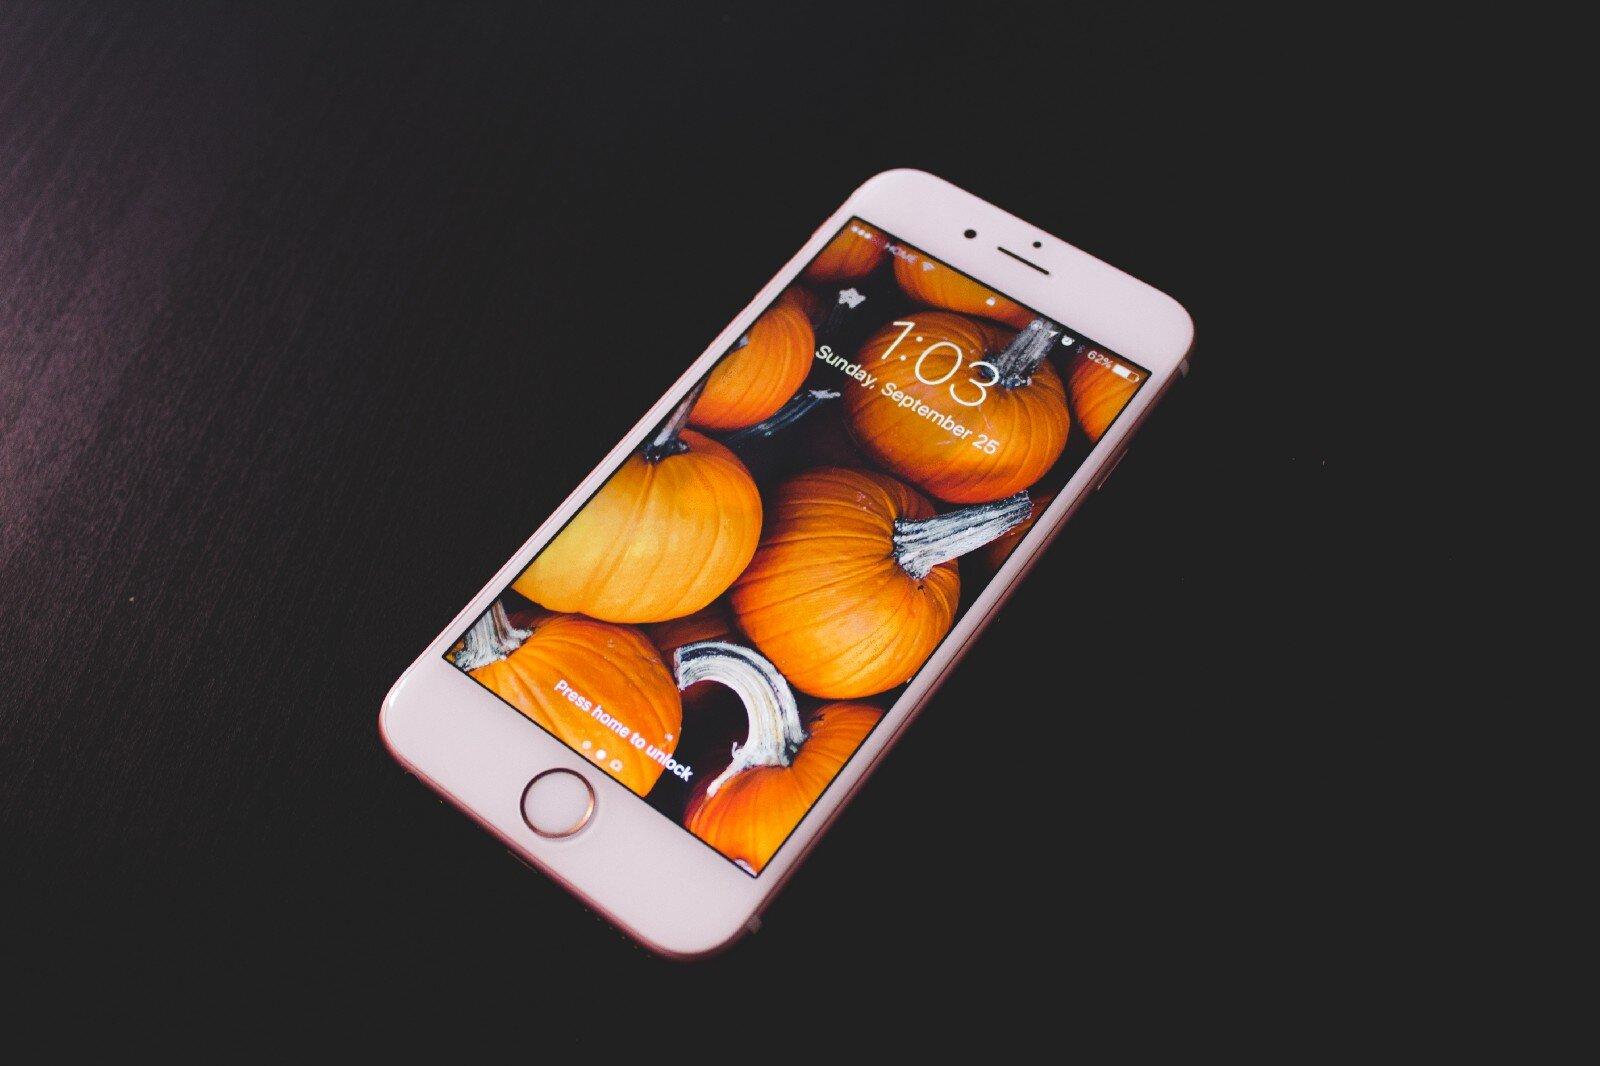 iPhone 8 Plus đang được nhiều người biết đến